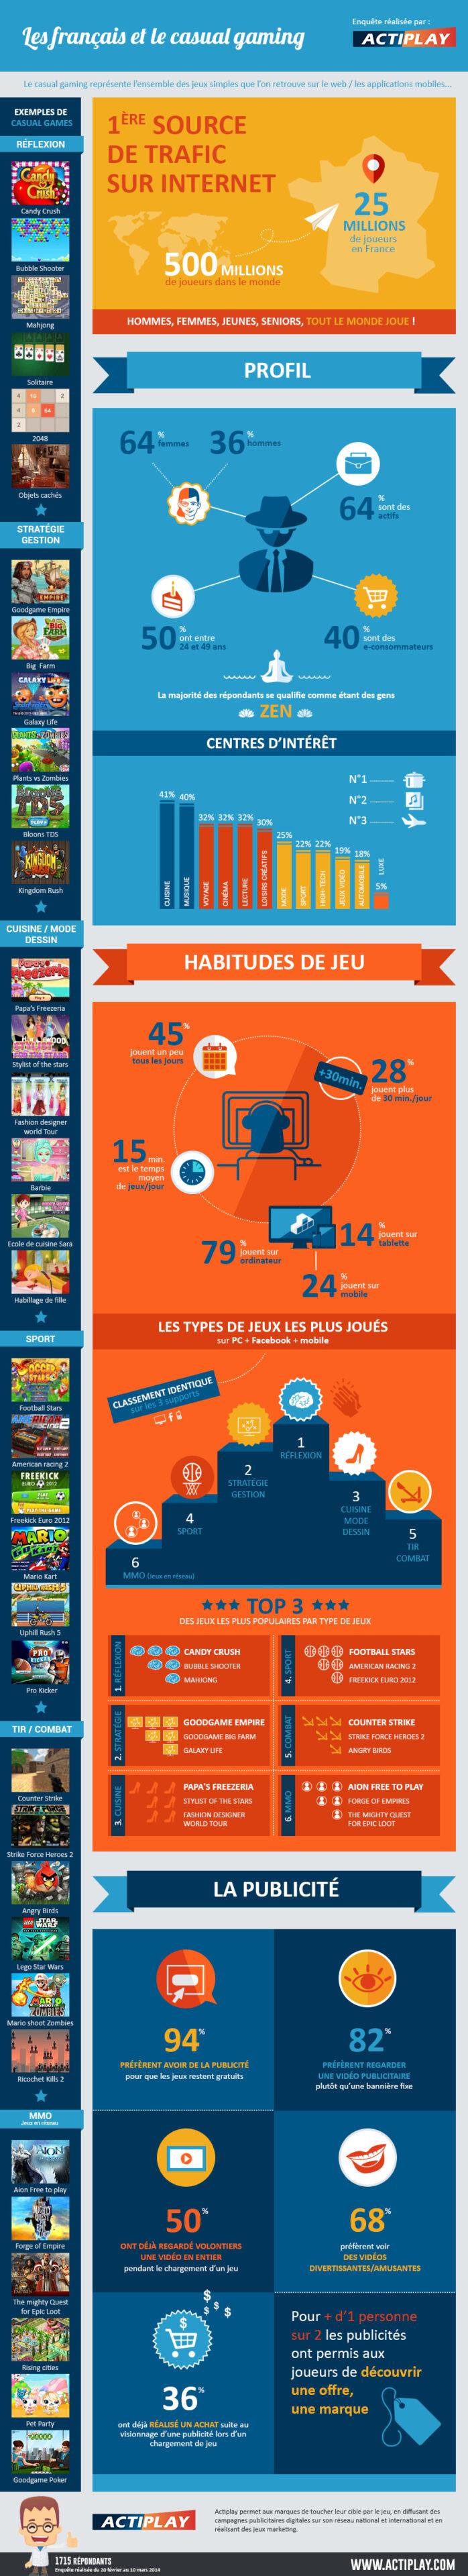 infographie_actiplay_les_francais_et_le_casual_gaming Infographie : les français et le casual gaming